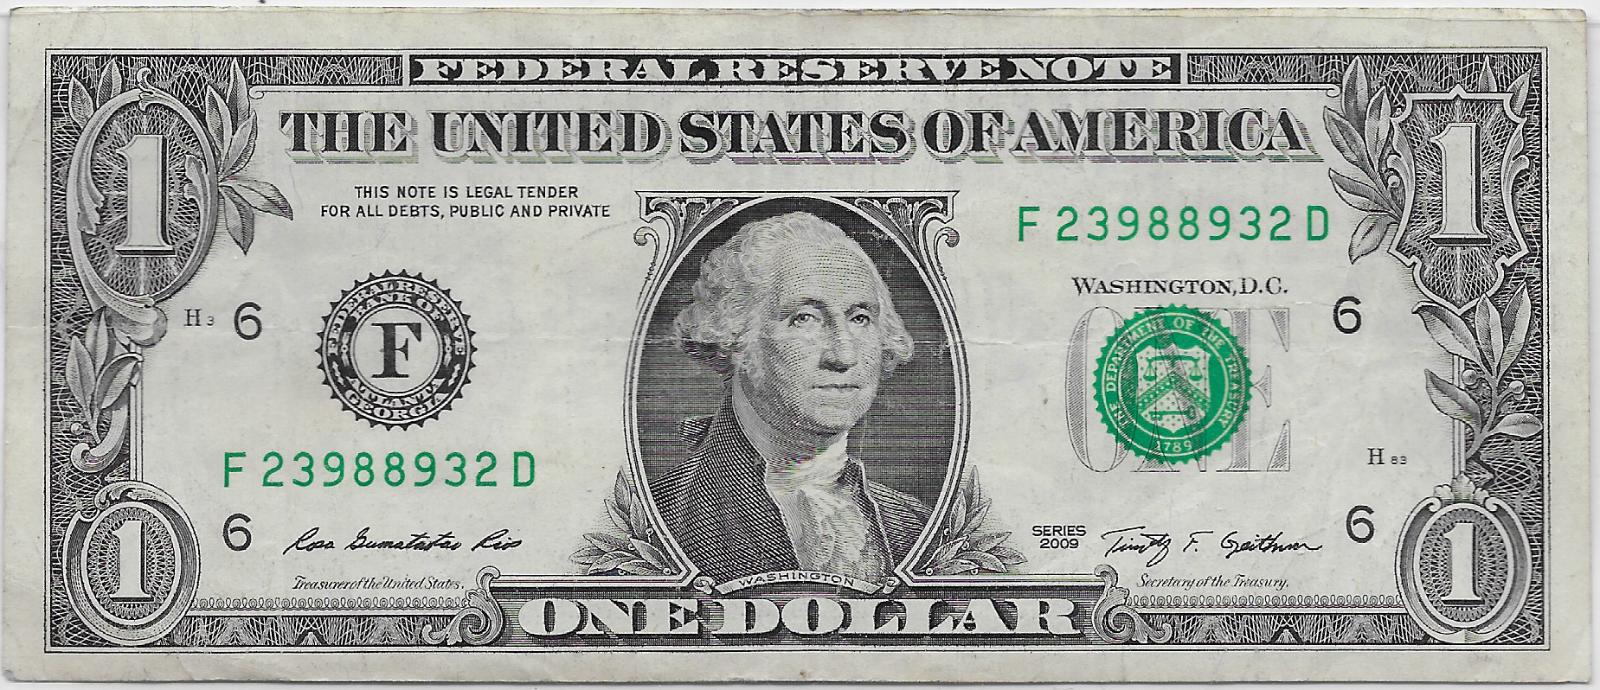 1 Bill Series 2009 RADAR 2398 8932 Lot T981 2 - $9.75